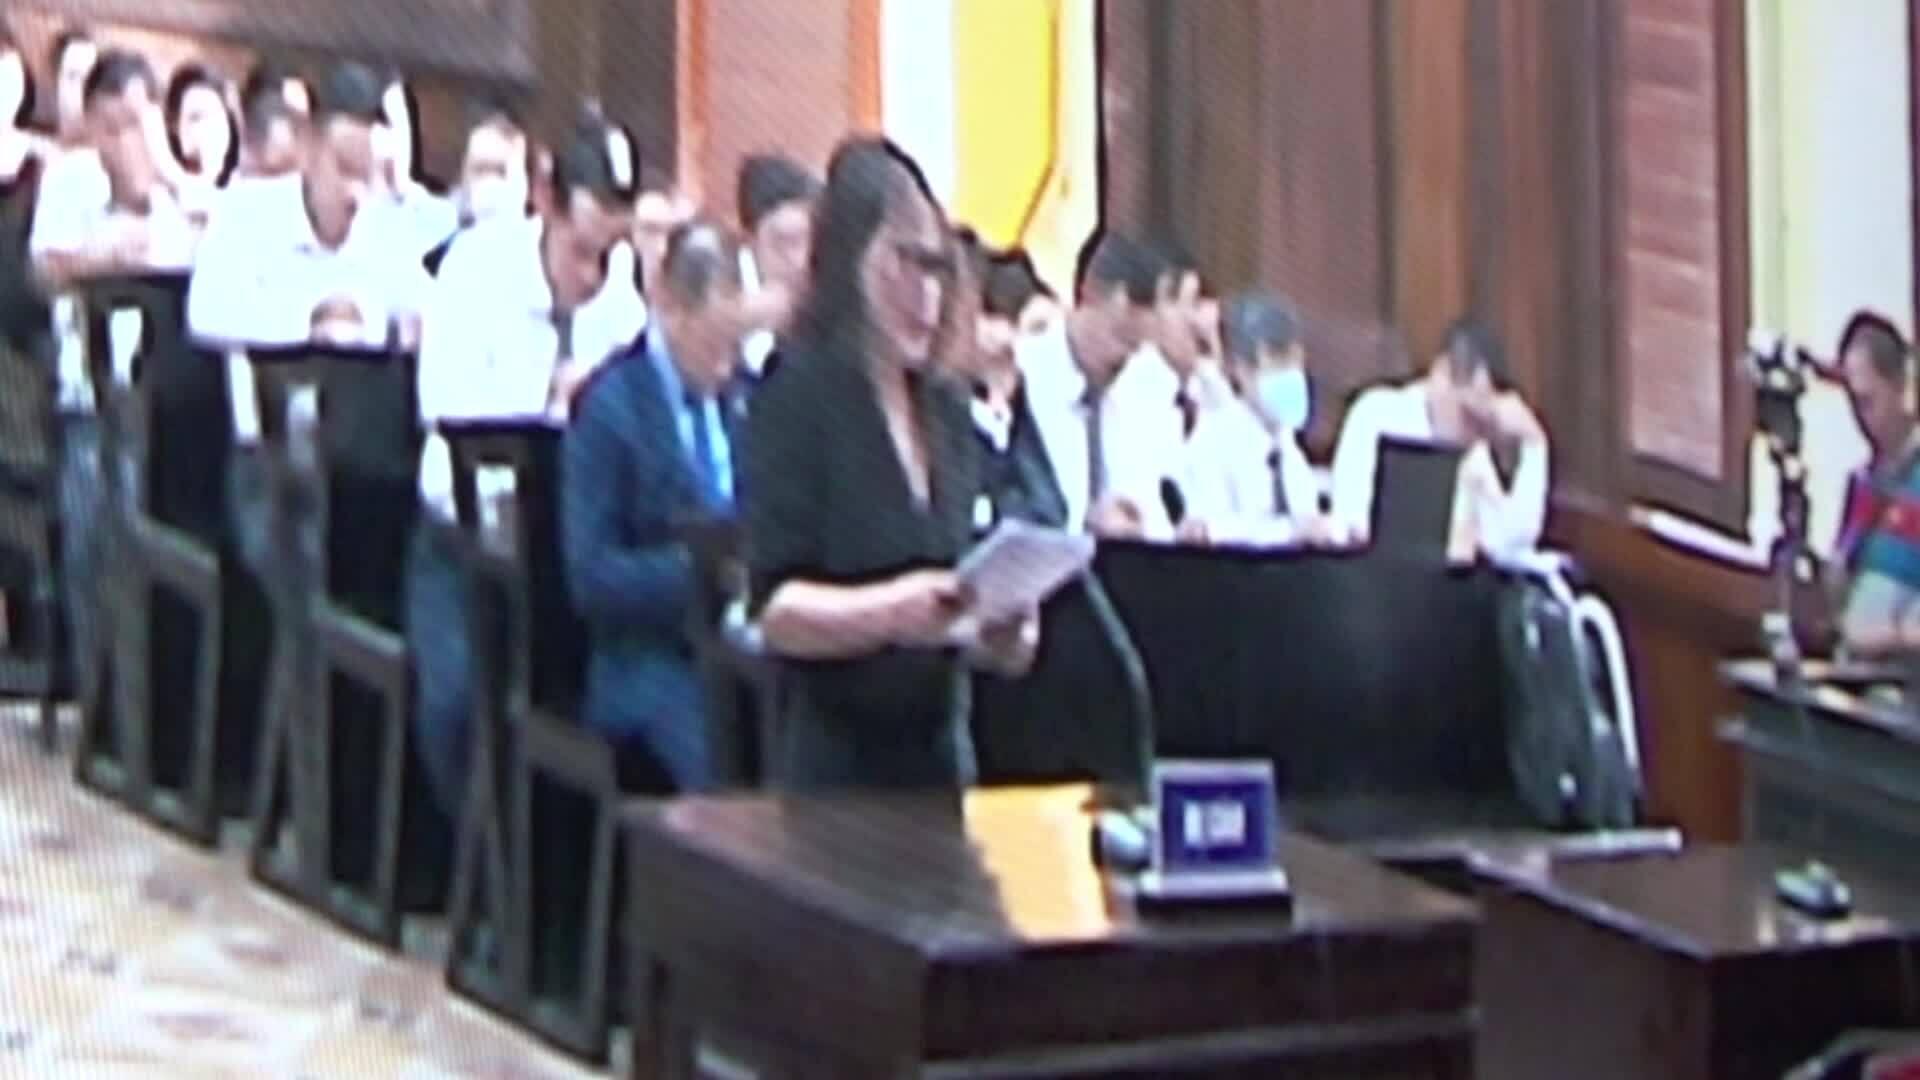 Video minh họa bà Thúy khóc tại tòa